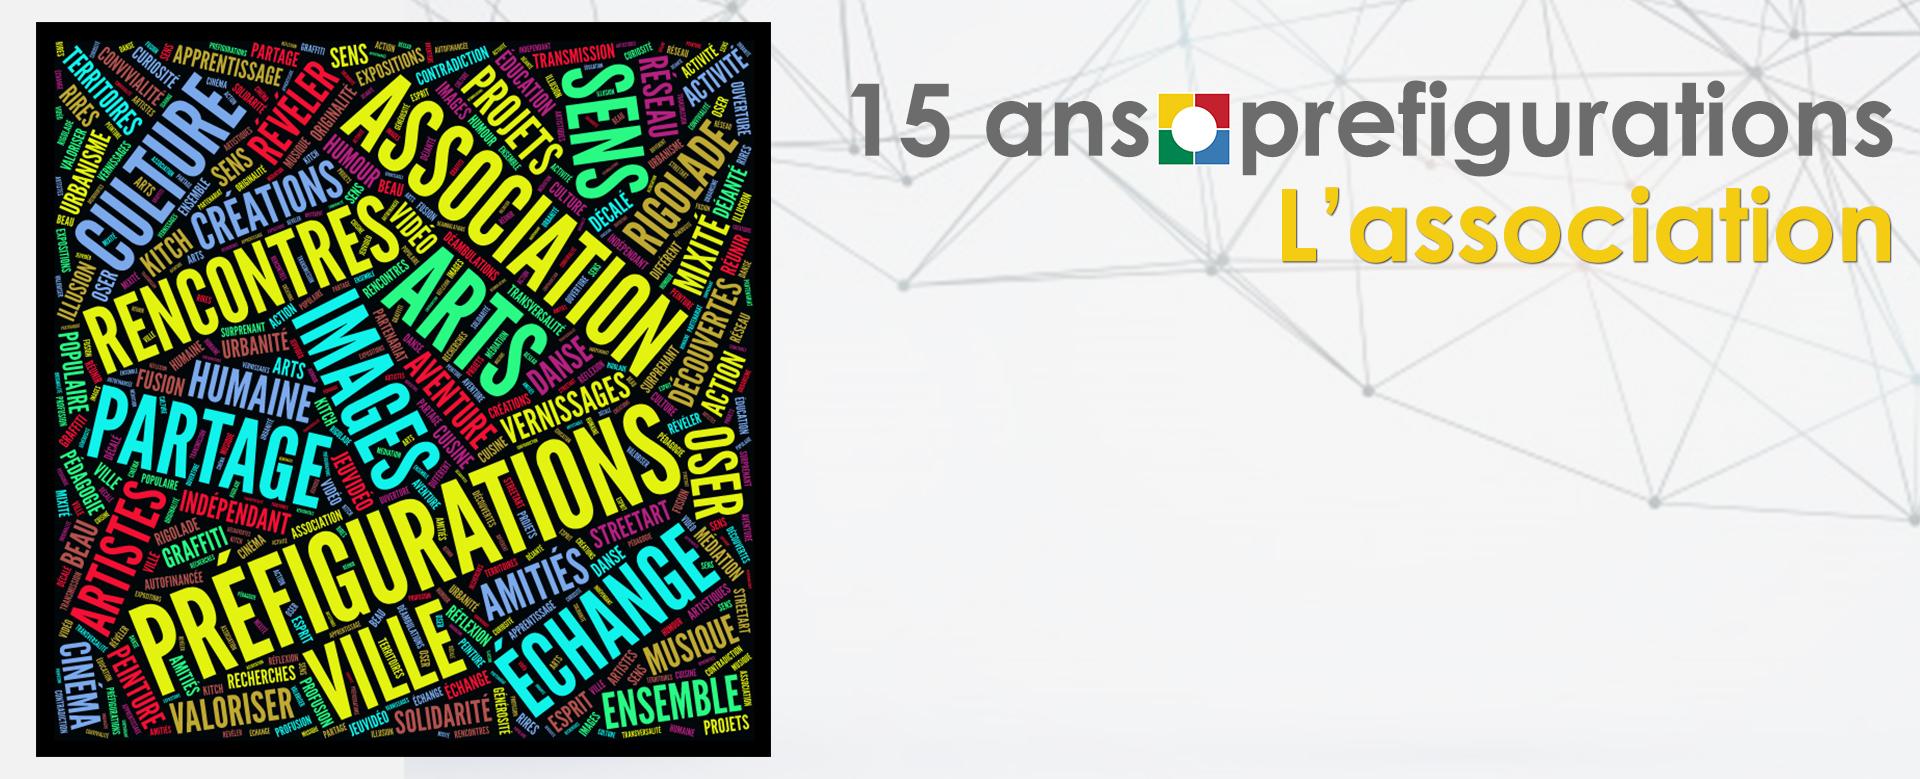 prefig-word-15-ans-valeurs-carre-2018-assos3